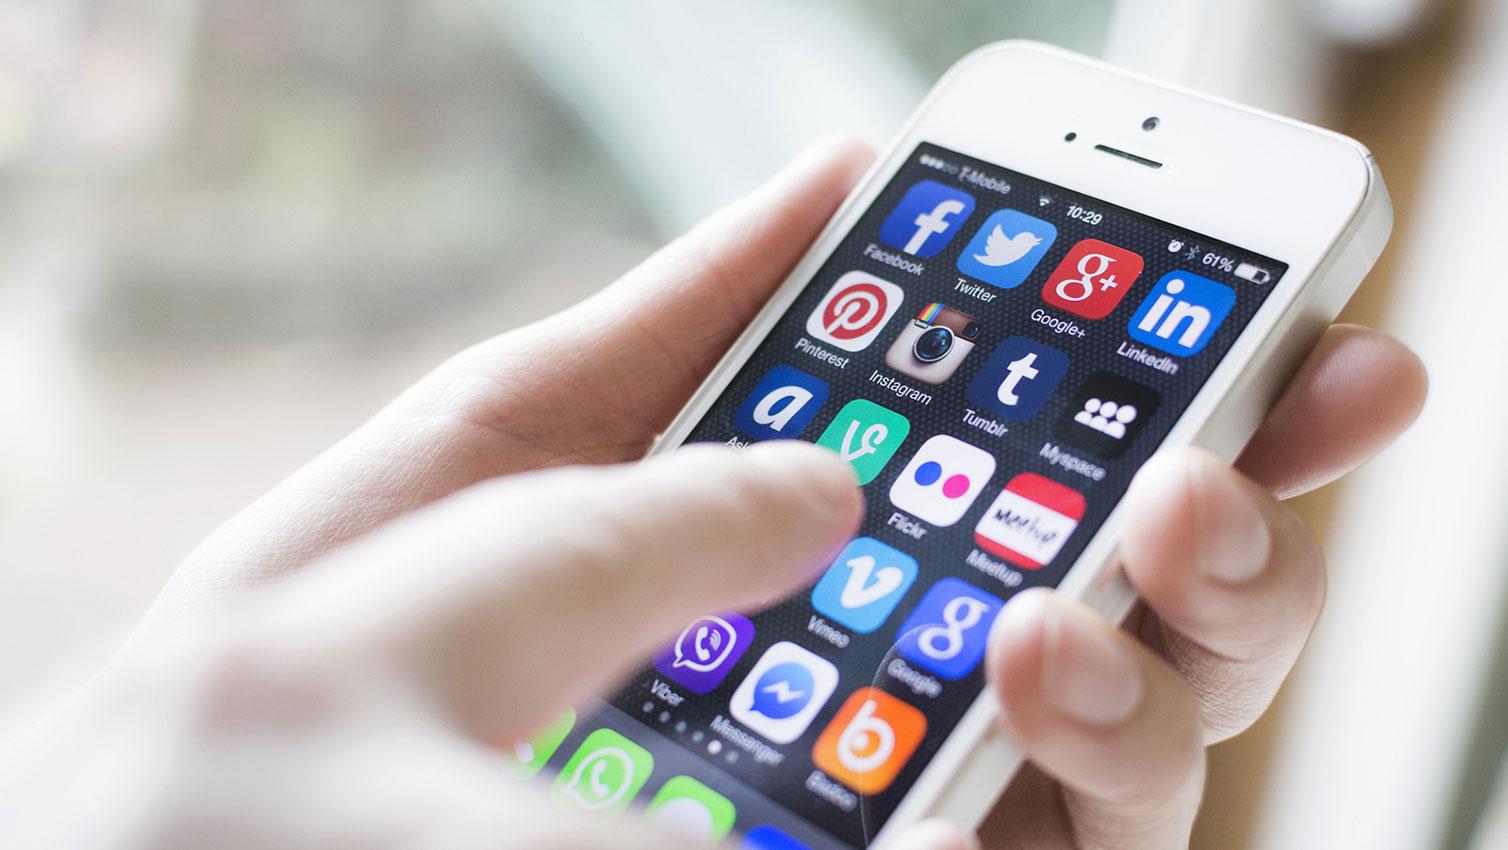 klantenbinding en klantenwerving via social media